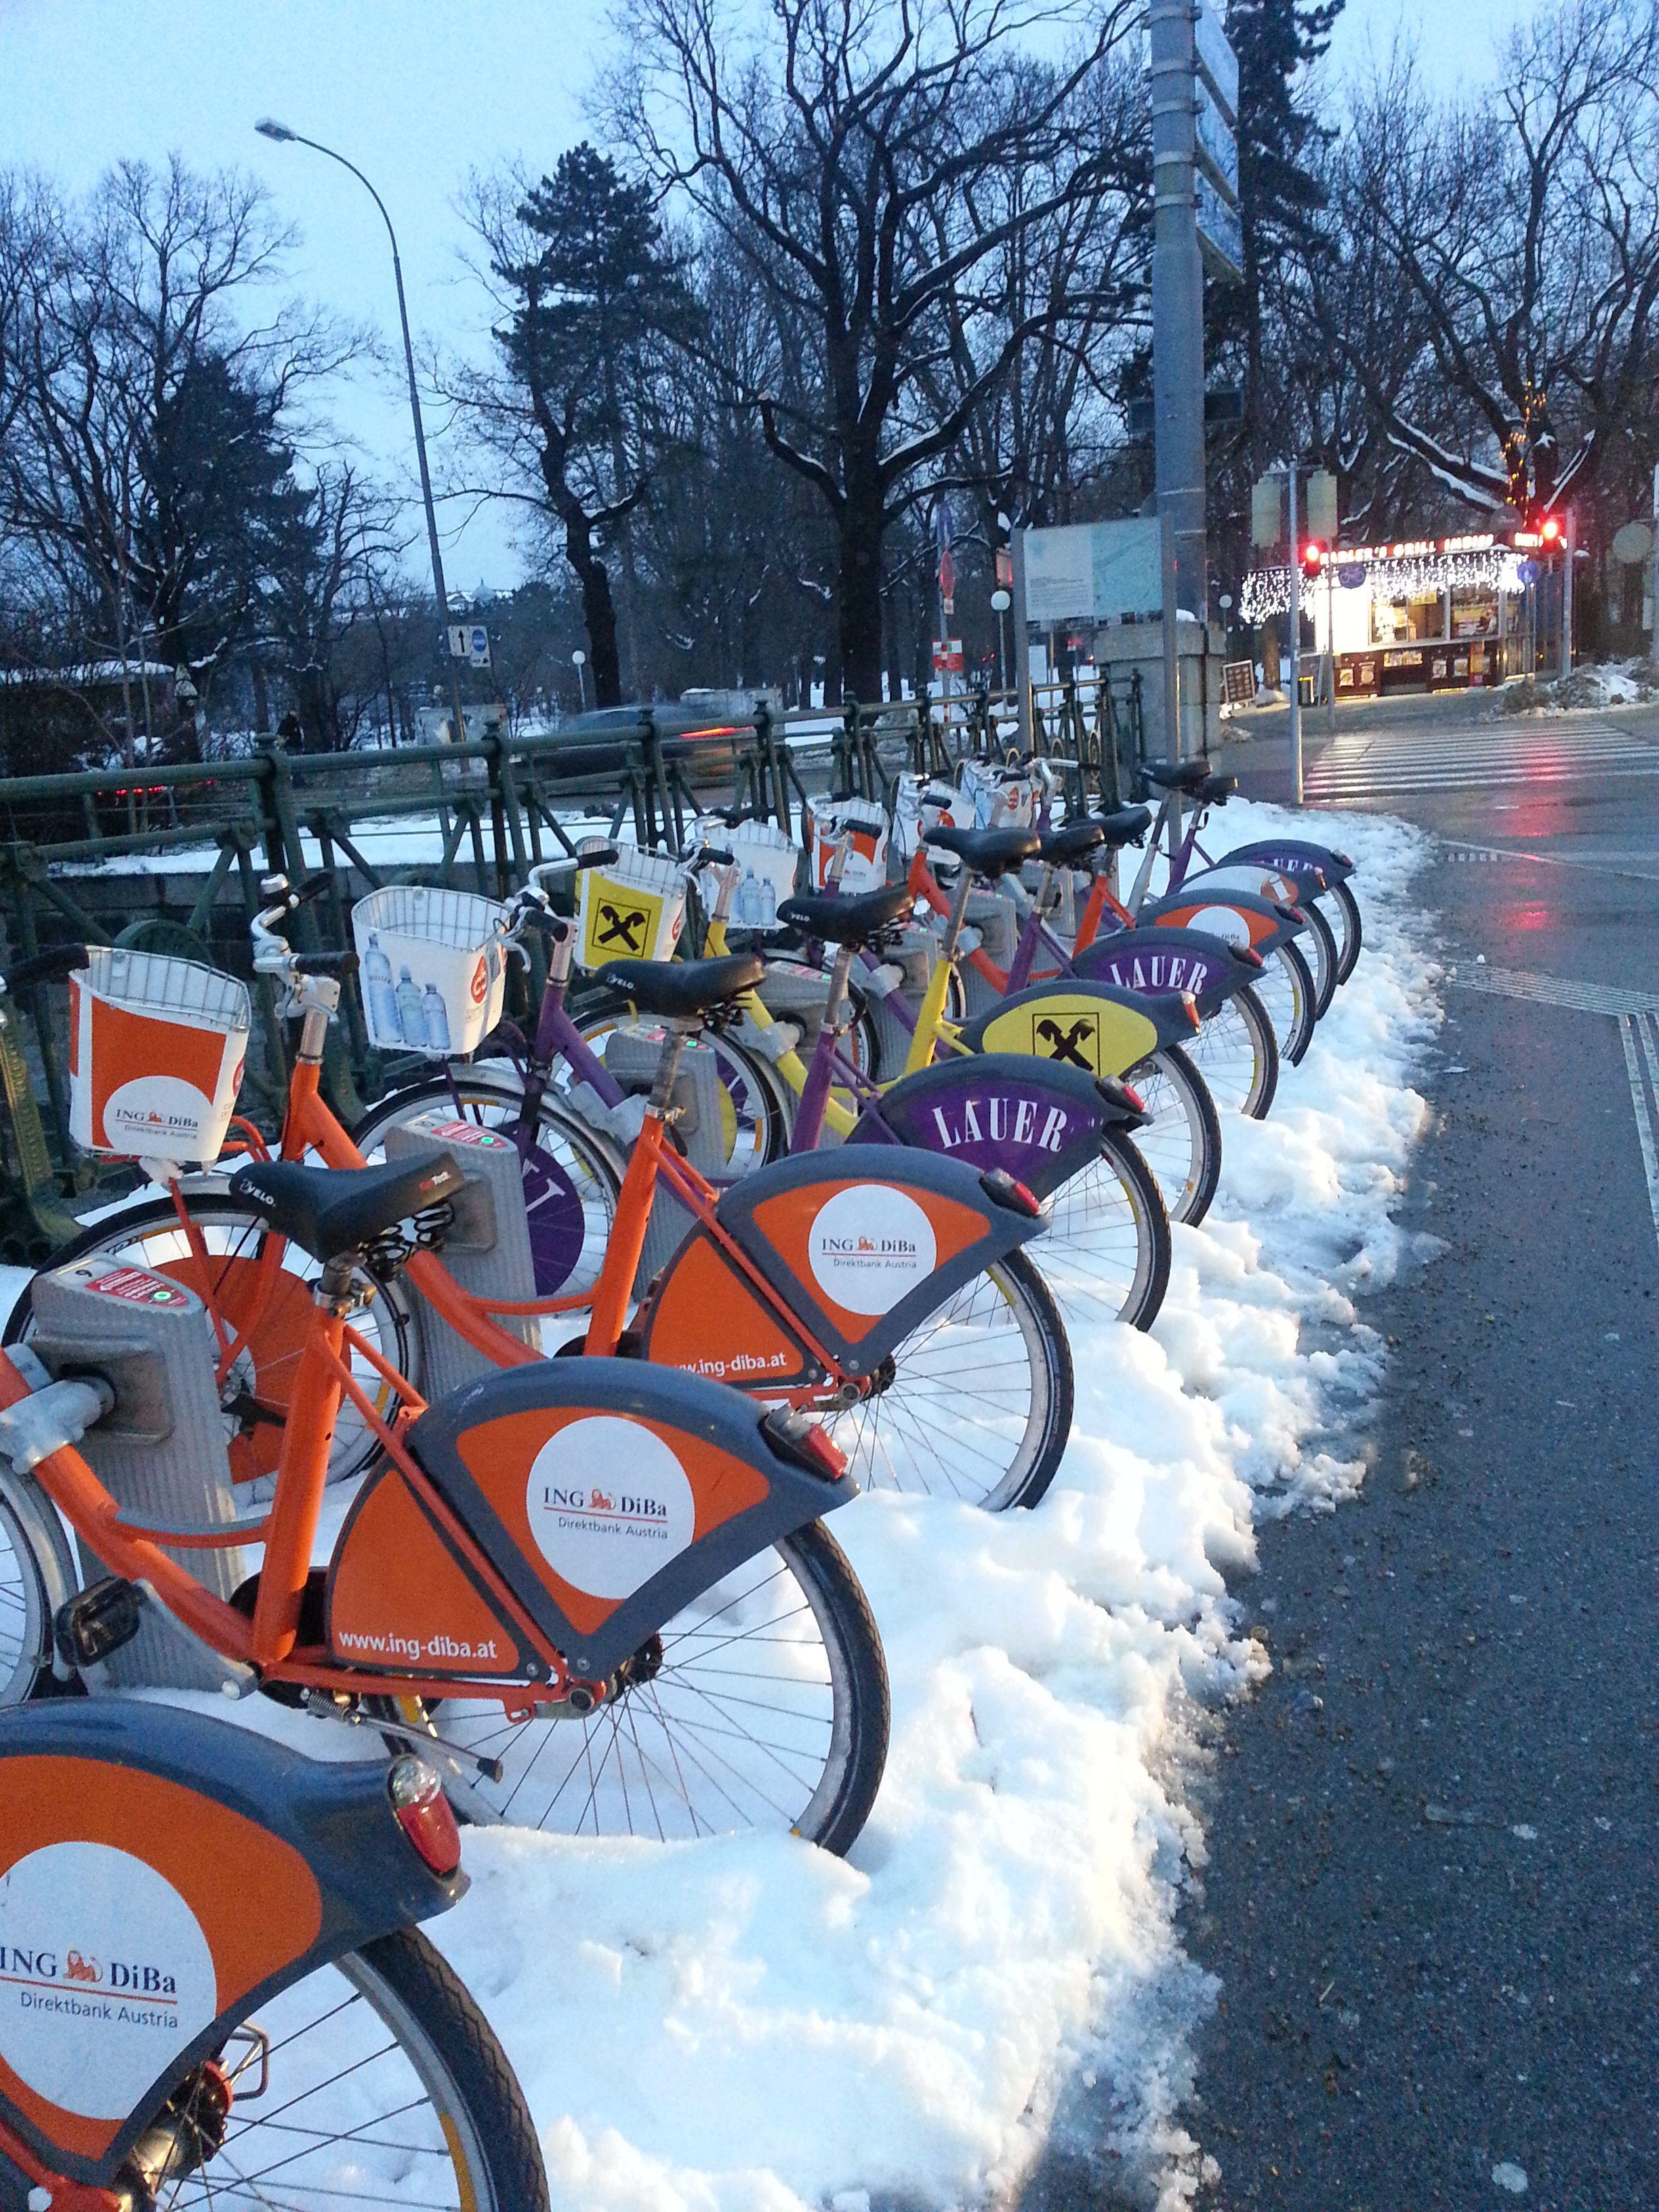 aluguel de bicicletas | viena | pinterest, Hause ideen